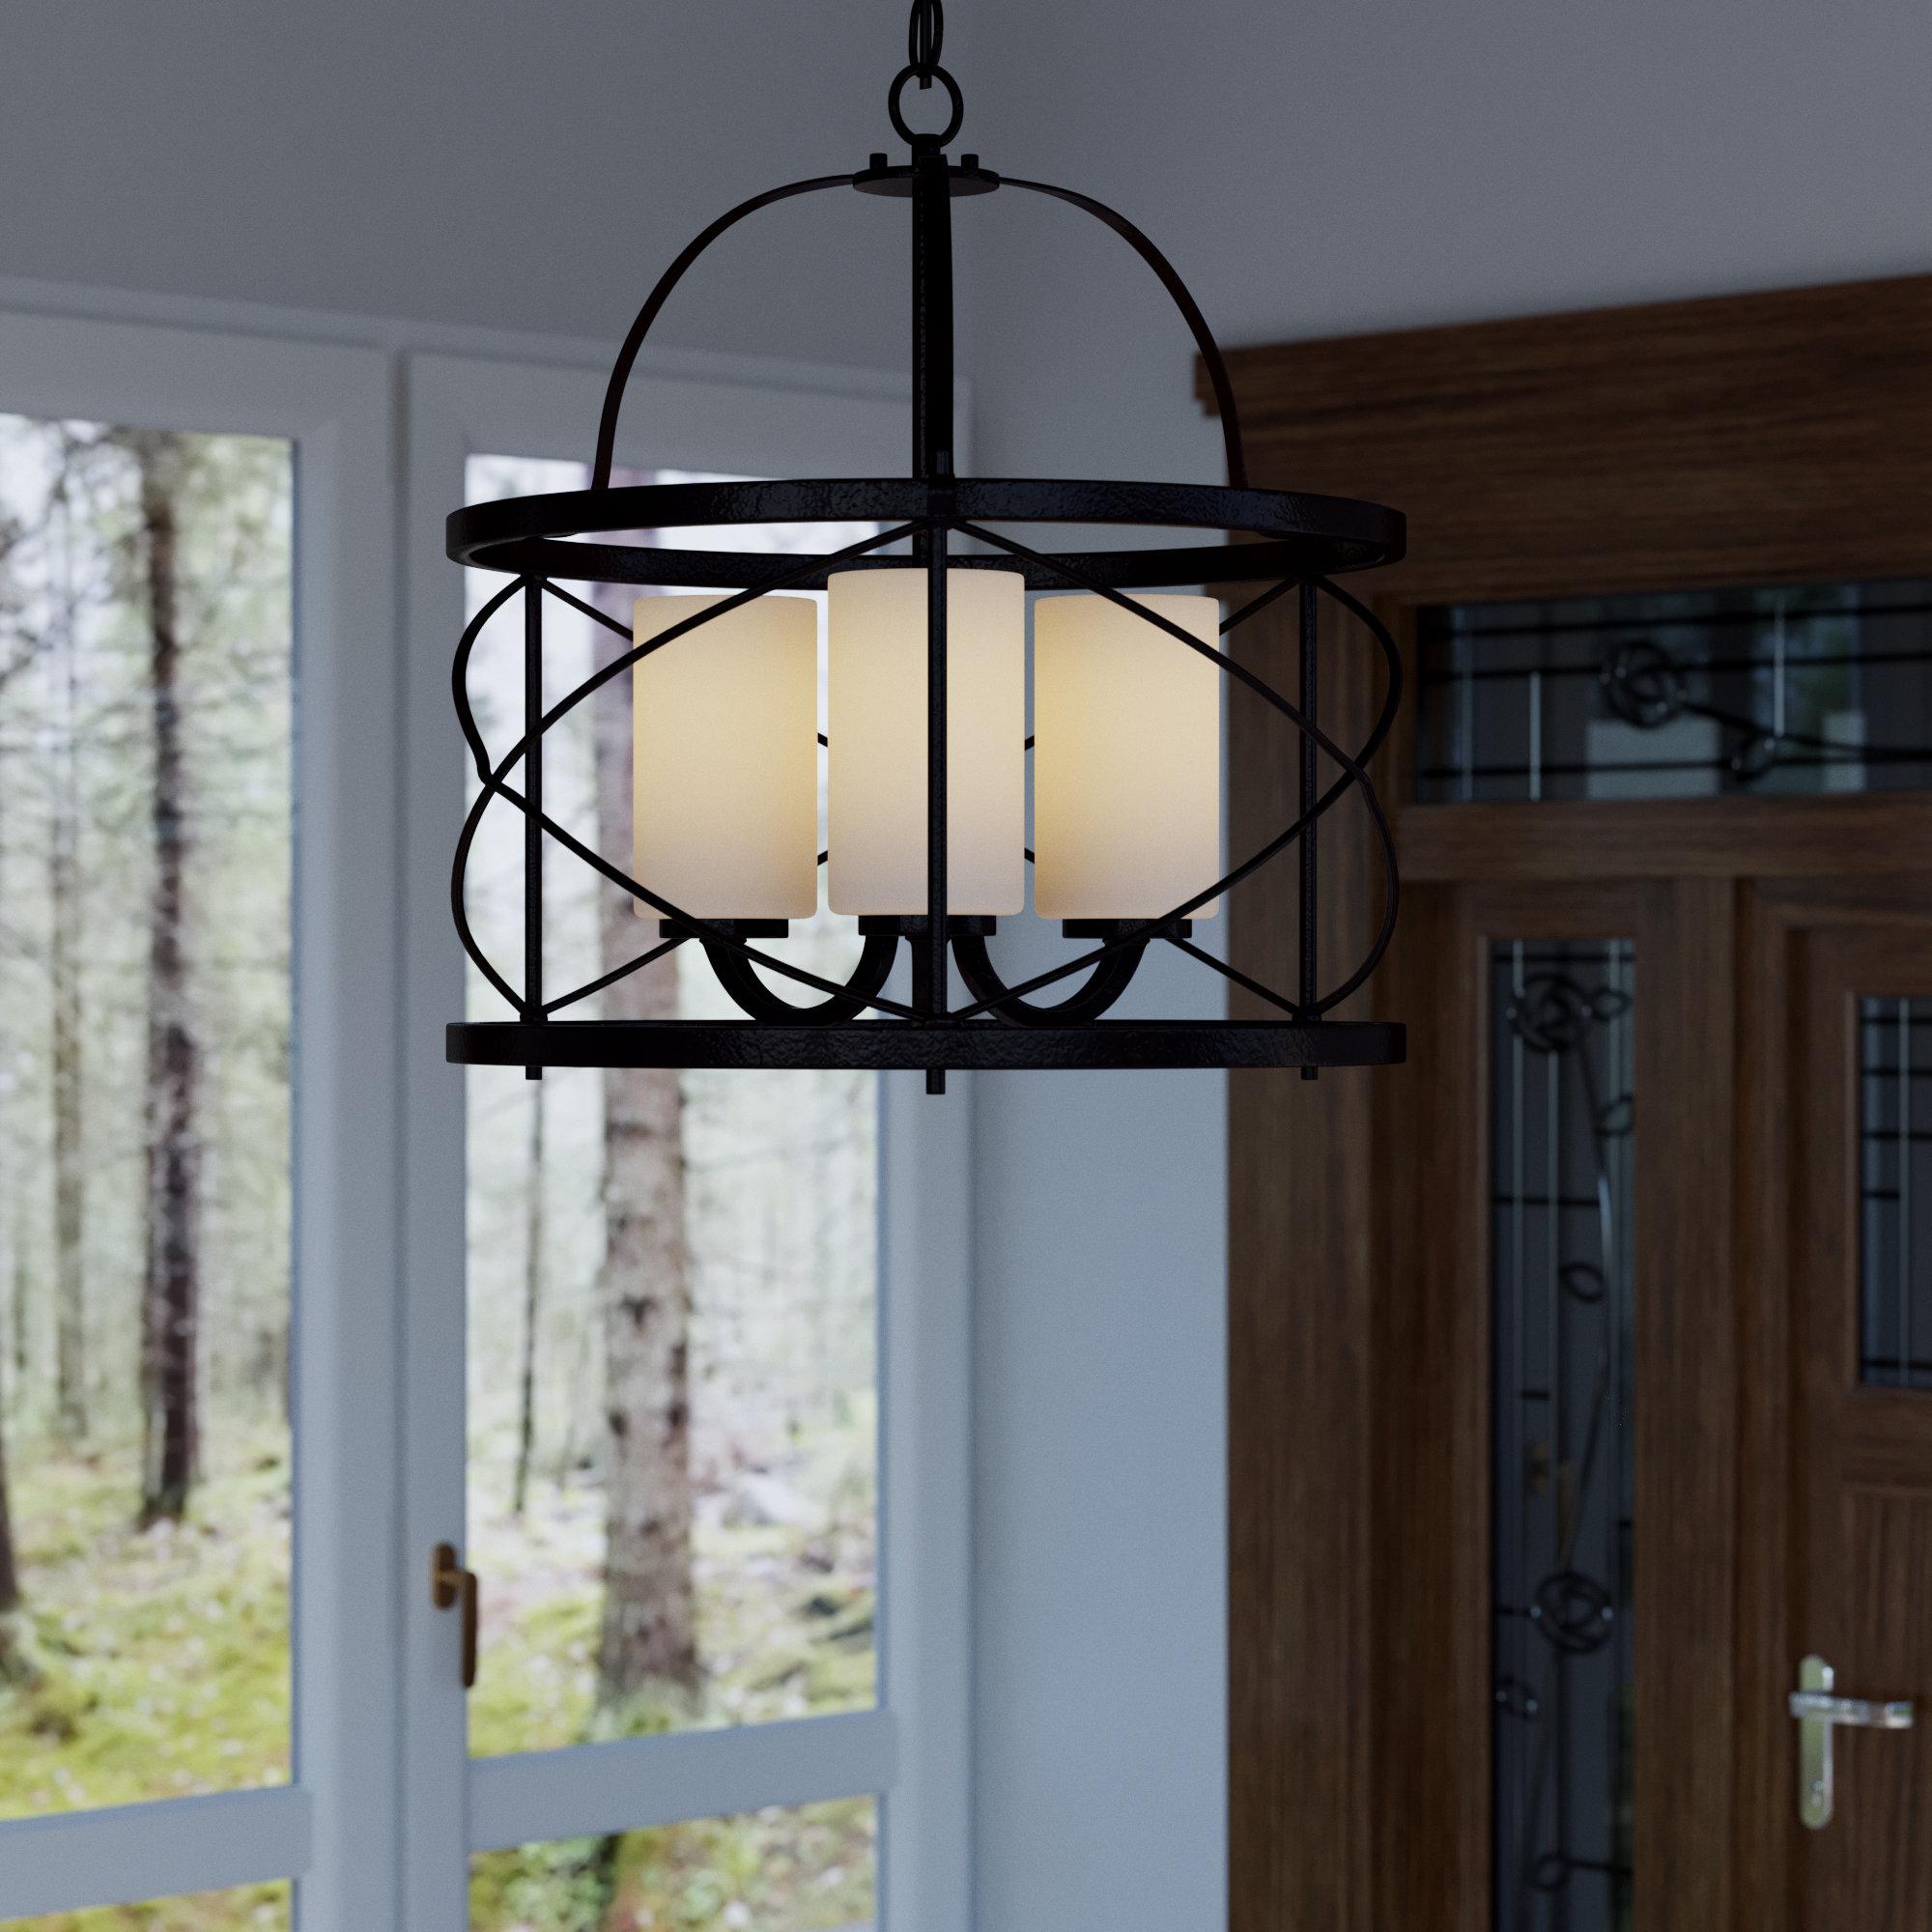 Farrier 3 Light Lantern Drum Pendants Intended For Favorite Farrier 3 Light Lantern Pendant (View 4 of 25)